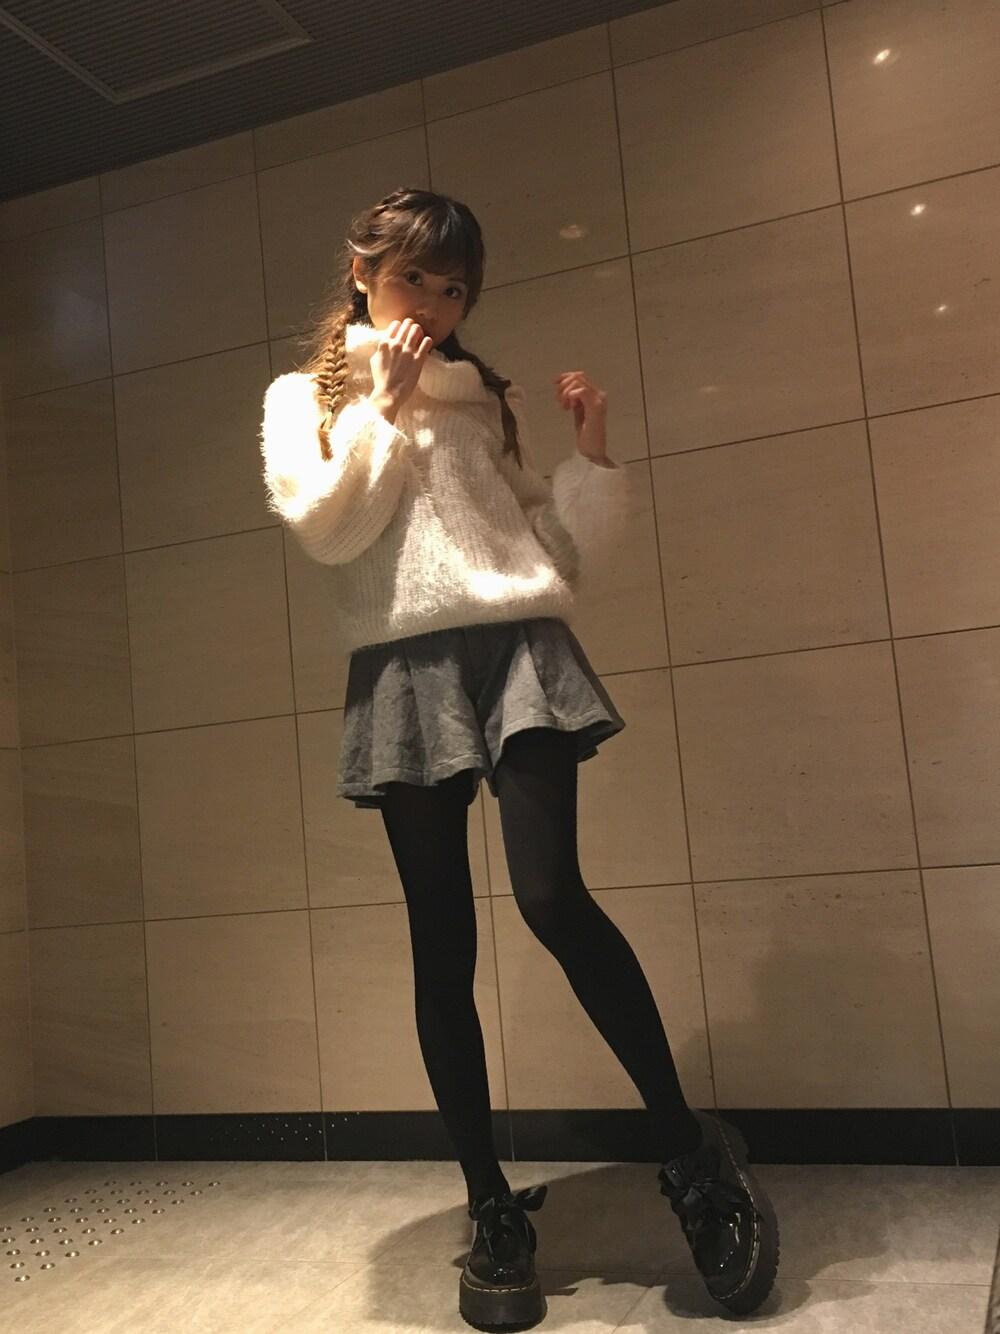 【あばら骨】ガリガリな女の子の動画【背骨】xvideo>17本 fc2>1本 YouTube動画>24本 ->画像>339枚